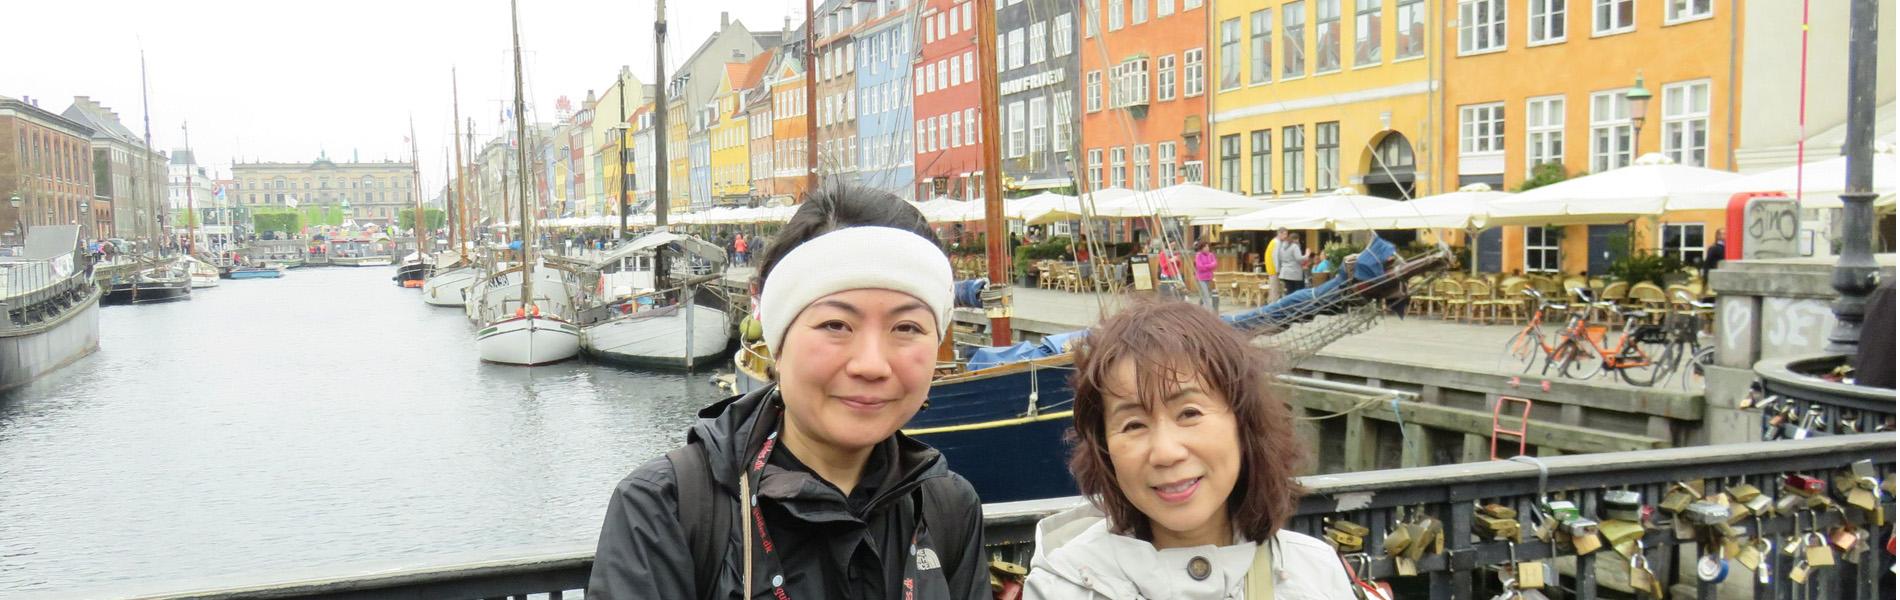 日本人のデンマーク公認ライセンスガイドが、 お客様だけの特別な旅をサポート